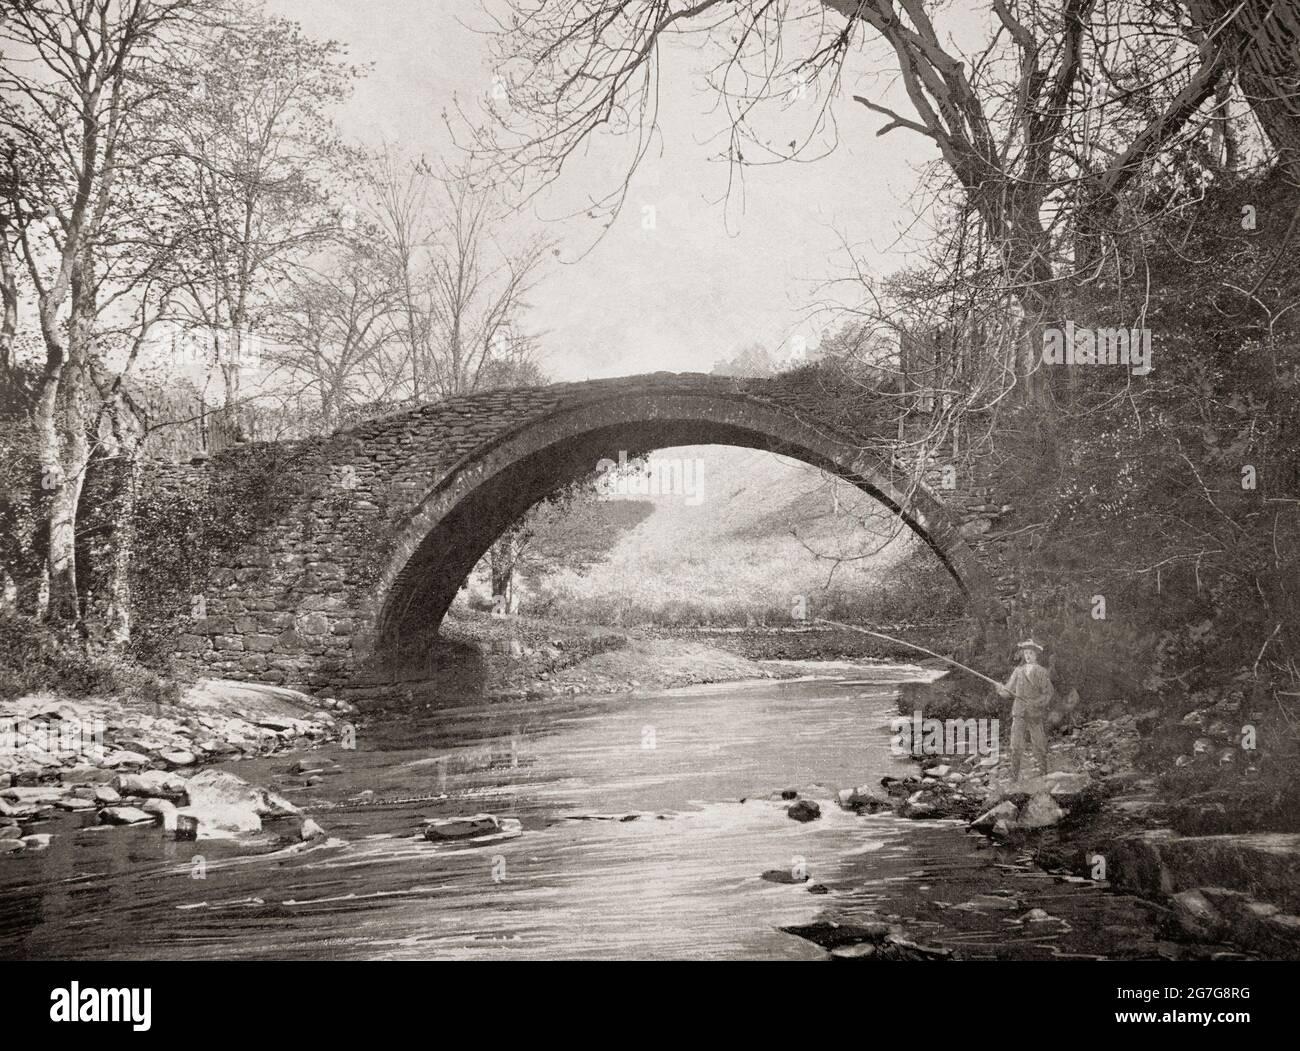 Vue de la fin du XIXe siècle d'un pêcheur sous le pont romain au-dessus de la rivière Mousemill juste à l'ouest de Lanark, une ville dans la ceinture centrale de l'Écosse. Probablement le pont Mousemill, mentionné pour la première fois en 1587. Le pont en pierre qui se tient aujourd'hui semble avoir été construit et remplacé par une structure en bois environ 1649. Au début du XIXe siècle, le pont moderne a été construit à quelques mètres et l'ancien a laissé tomber dans la décomposition. Si probablement d'un héritage romain douteux! Banque D'Images